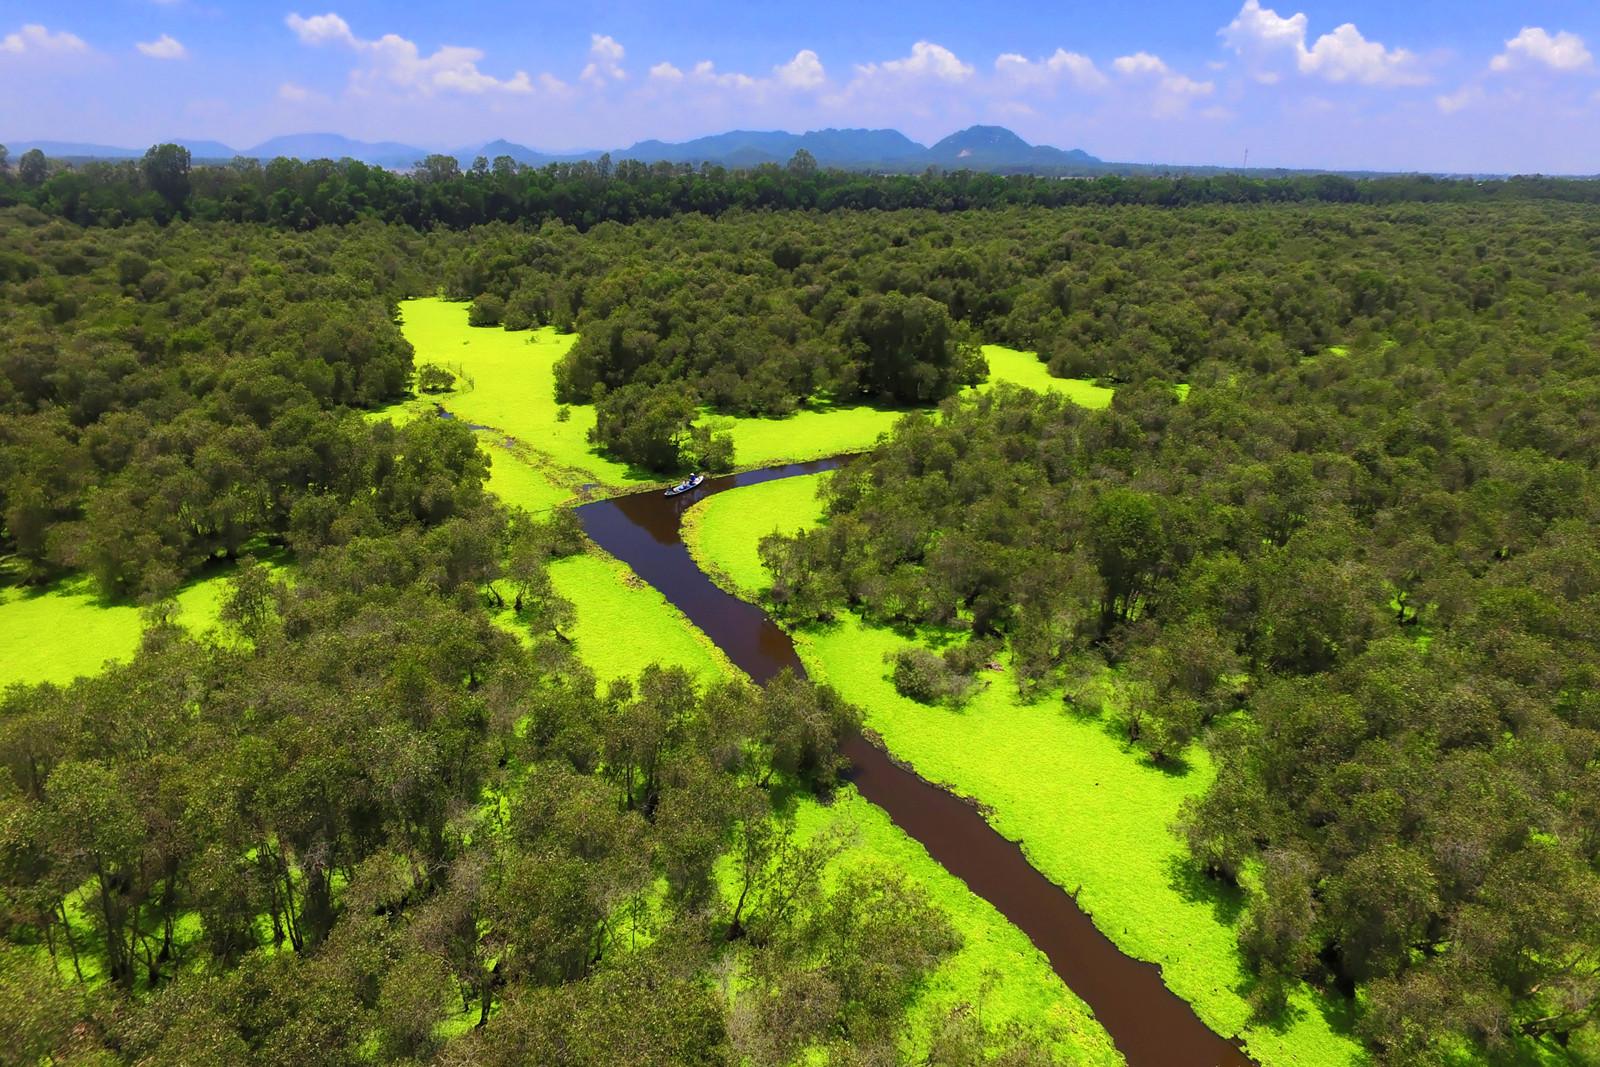 Vẻ đẹp của rừng tràm Trà Sư, An Giang - ảnh 2